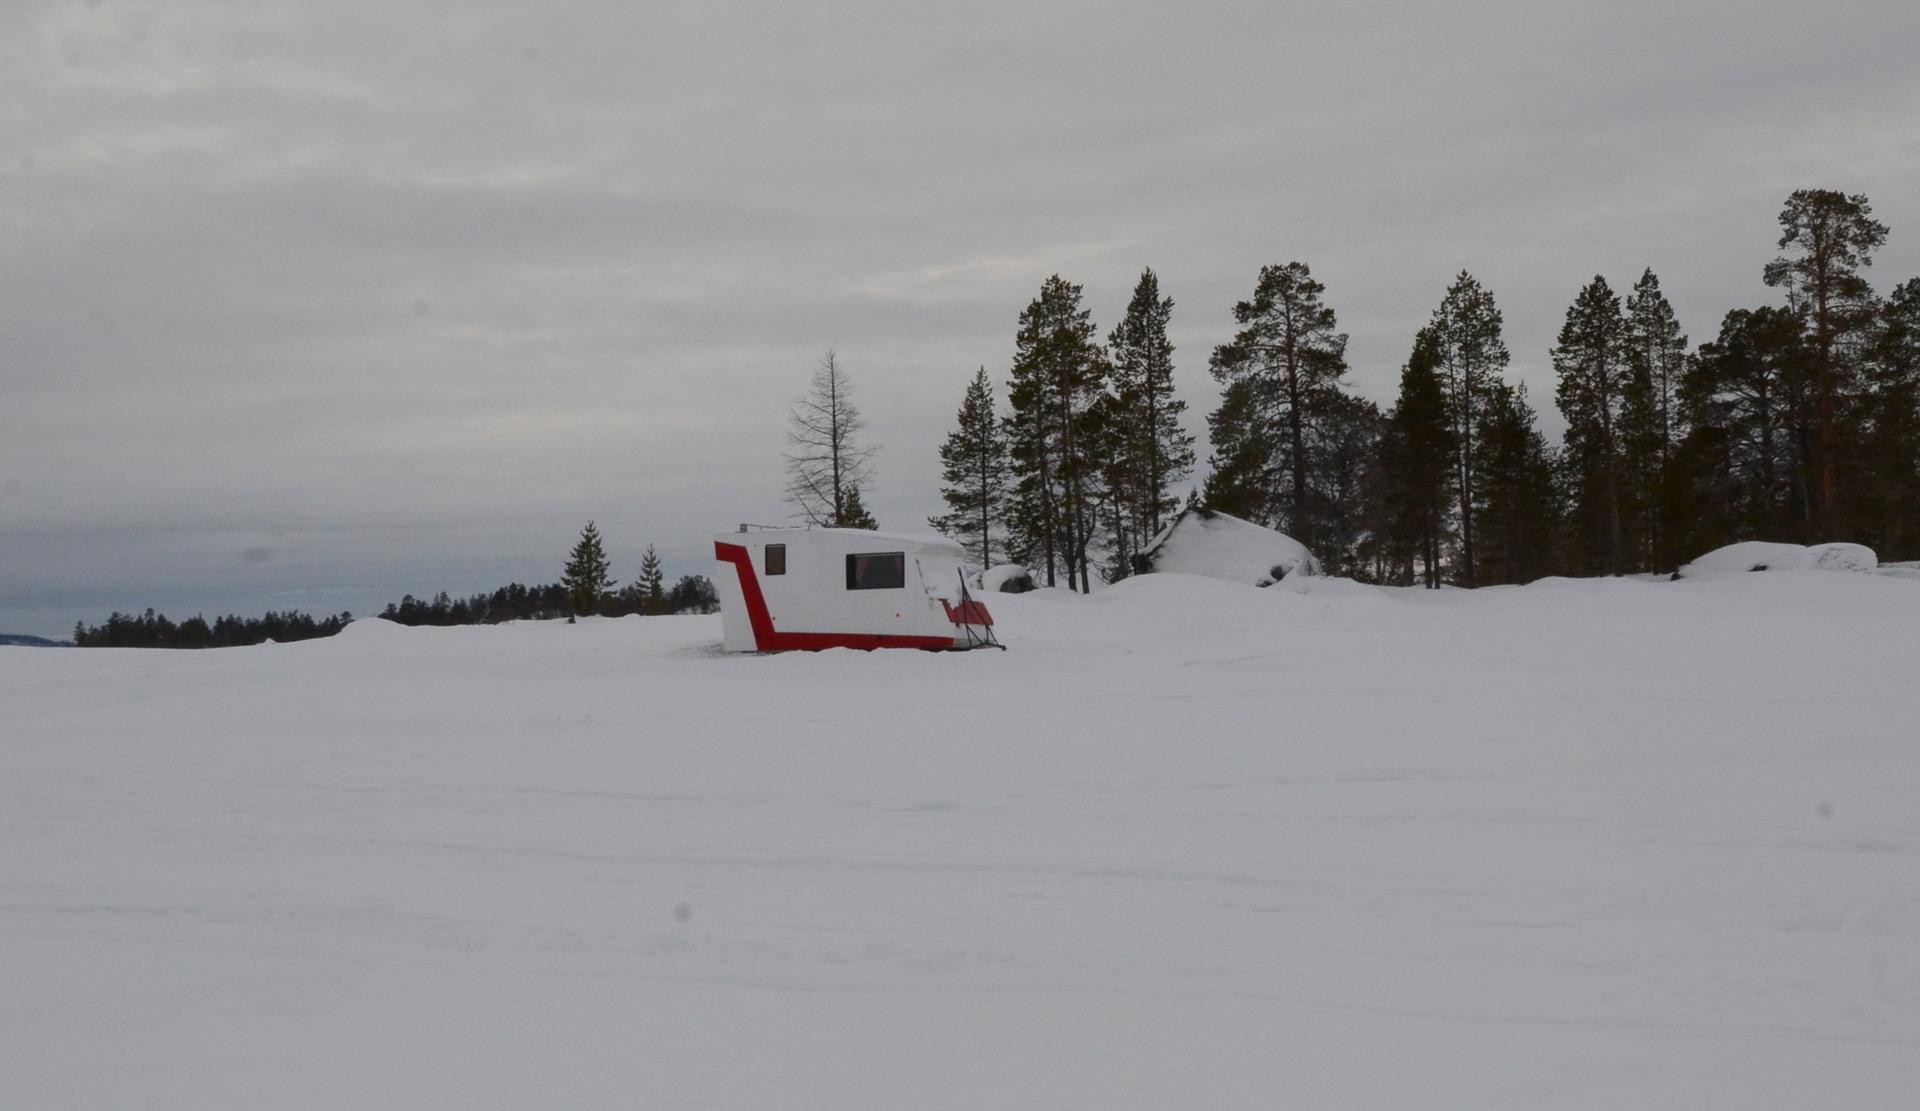 Tauon jälkeen lähdettiin kohden Isoa Jääsaarta ja sen autiotupaa. Nyt olin tämän välin hinauksessa yltyneen tuulen takia, sillä olinhan tämän välin jo lentänyt. Matkalla tällainen kesäasunto.